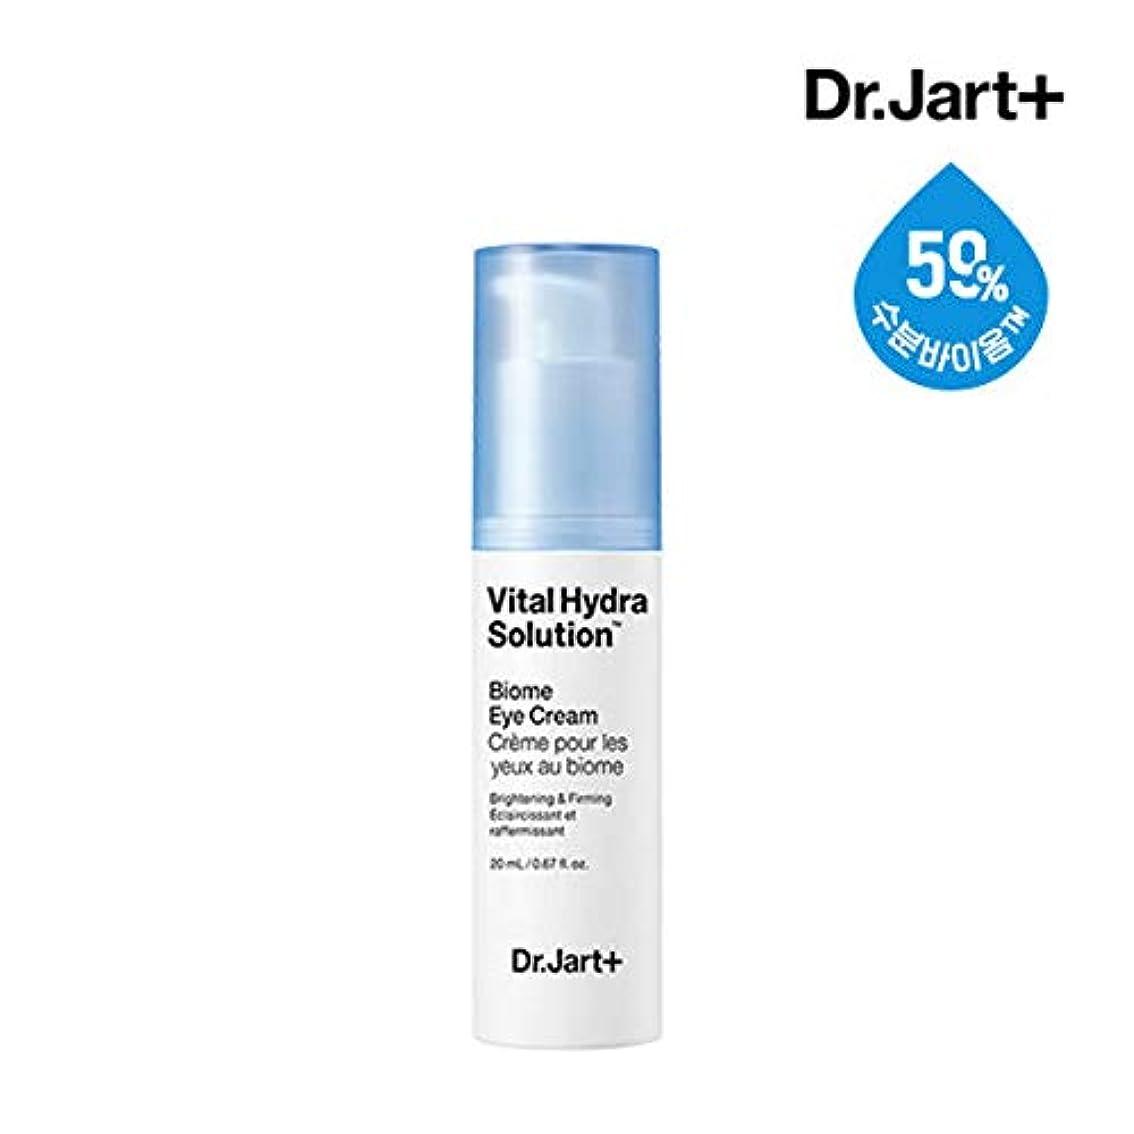 男涙が出る損傷ドクタージャルトゥ[Dr.Jart+] バイタルハイドラソリューションバイオームアイクリーム20ml (Vital Hydra Solution Biome Eye Cream) / ブライトニング&ファーミング